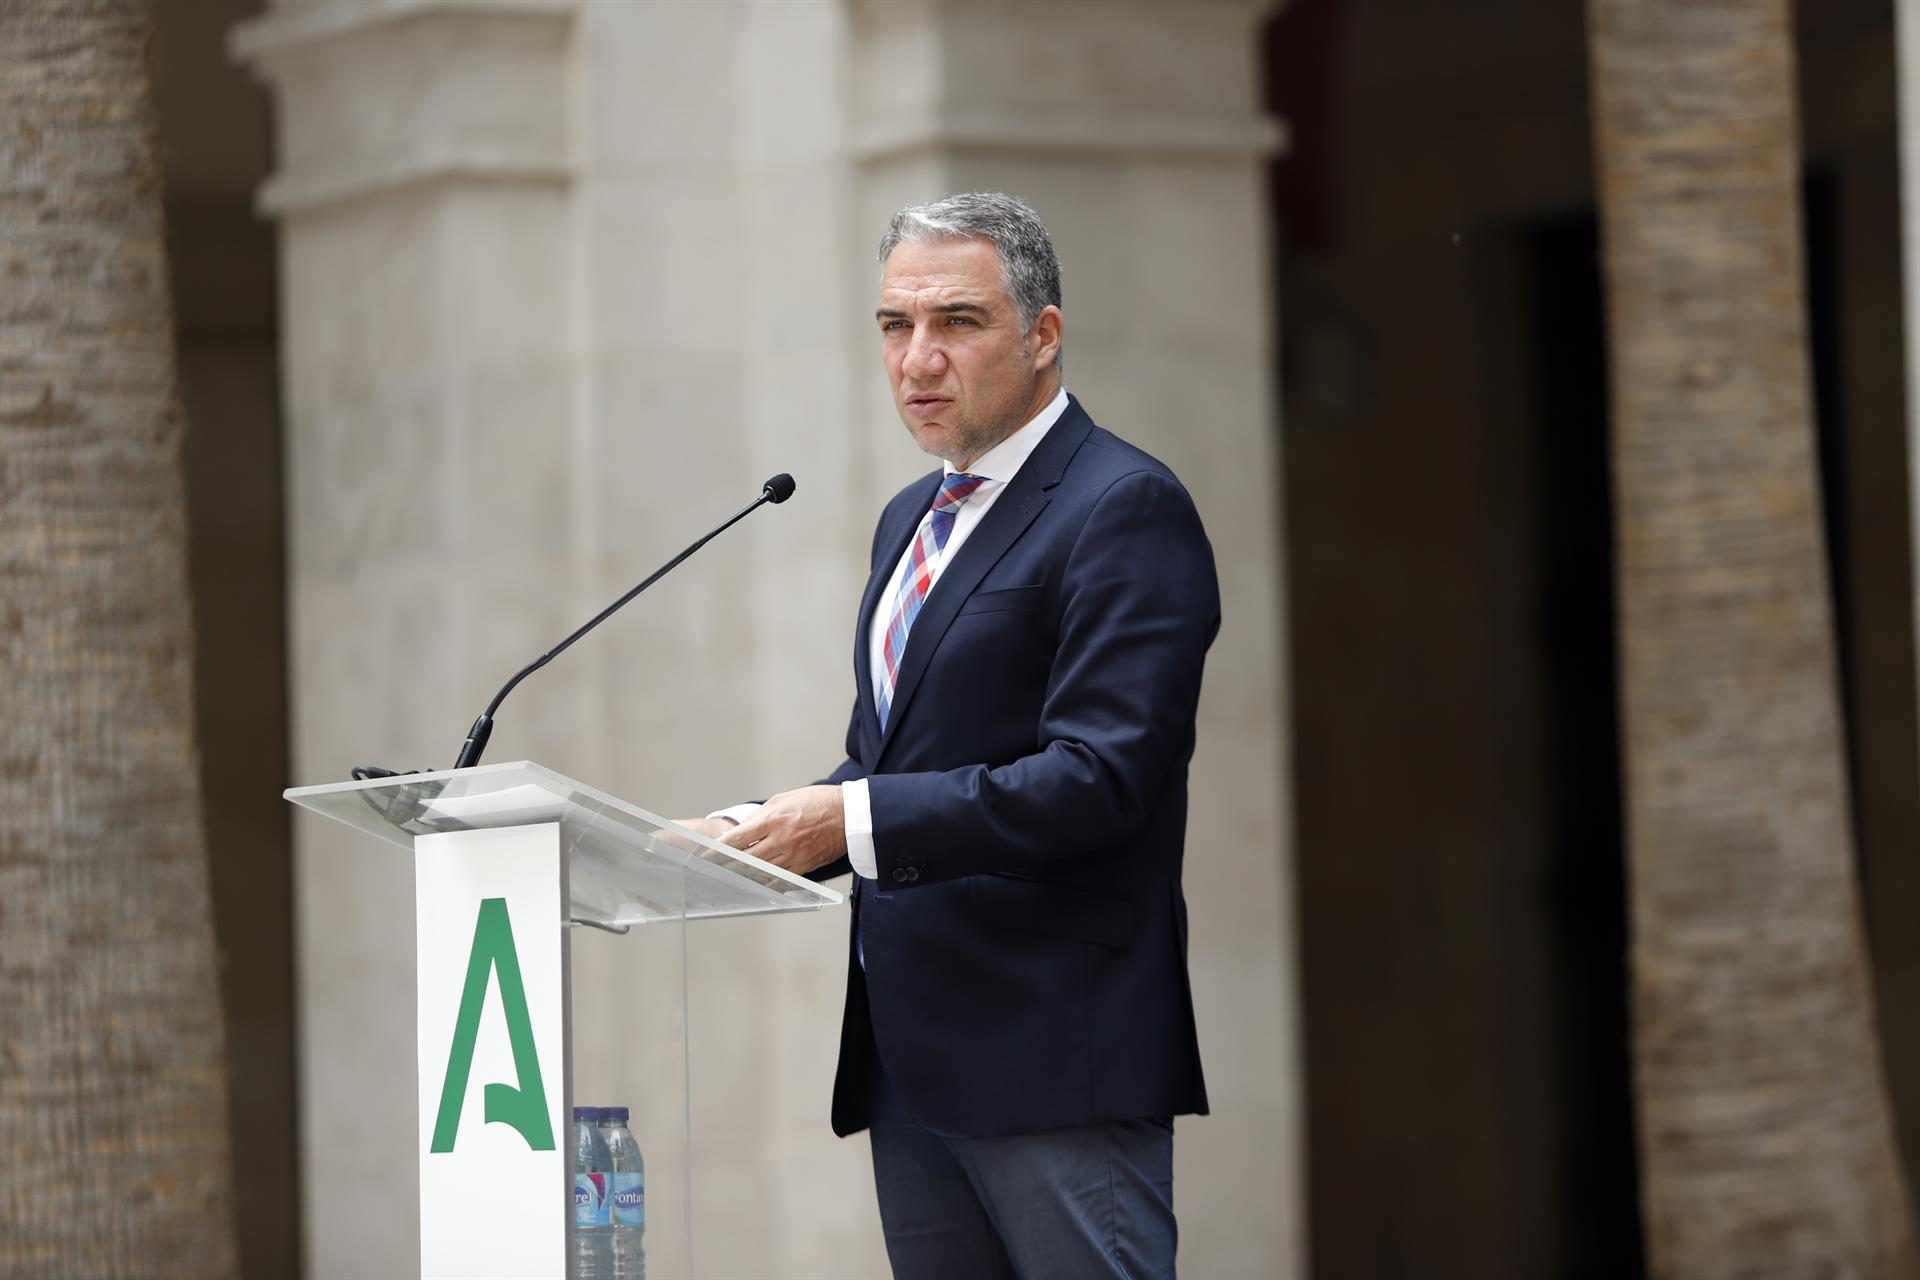 Junta, dispuesta a asumir el «desgaste» en toma de decisiones, pero demanda al Gobierno «herramientas legales»